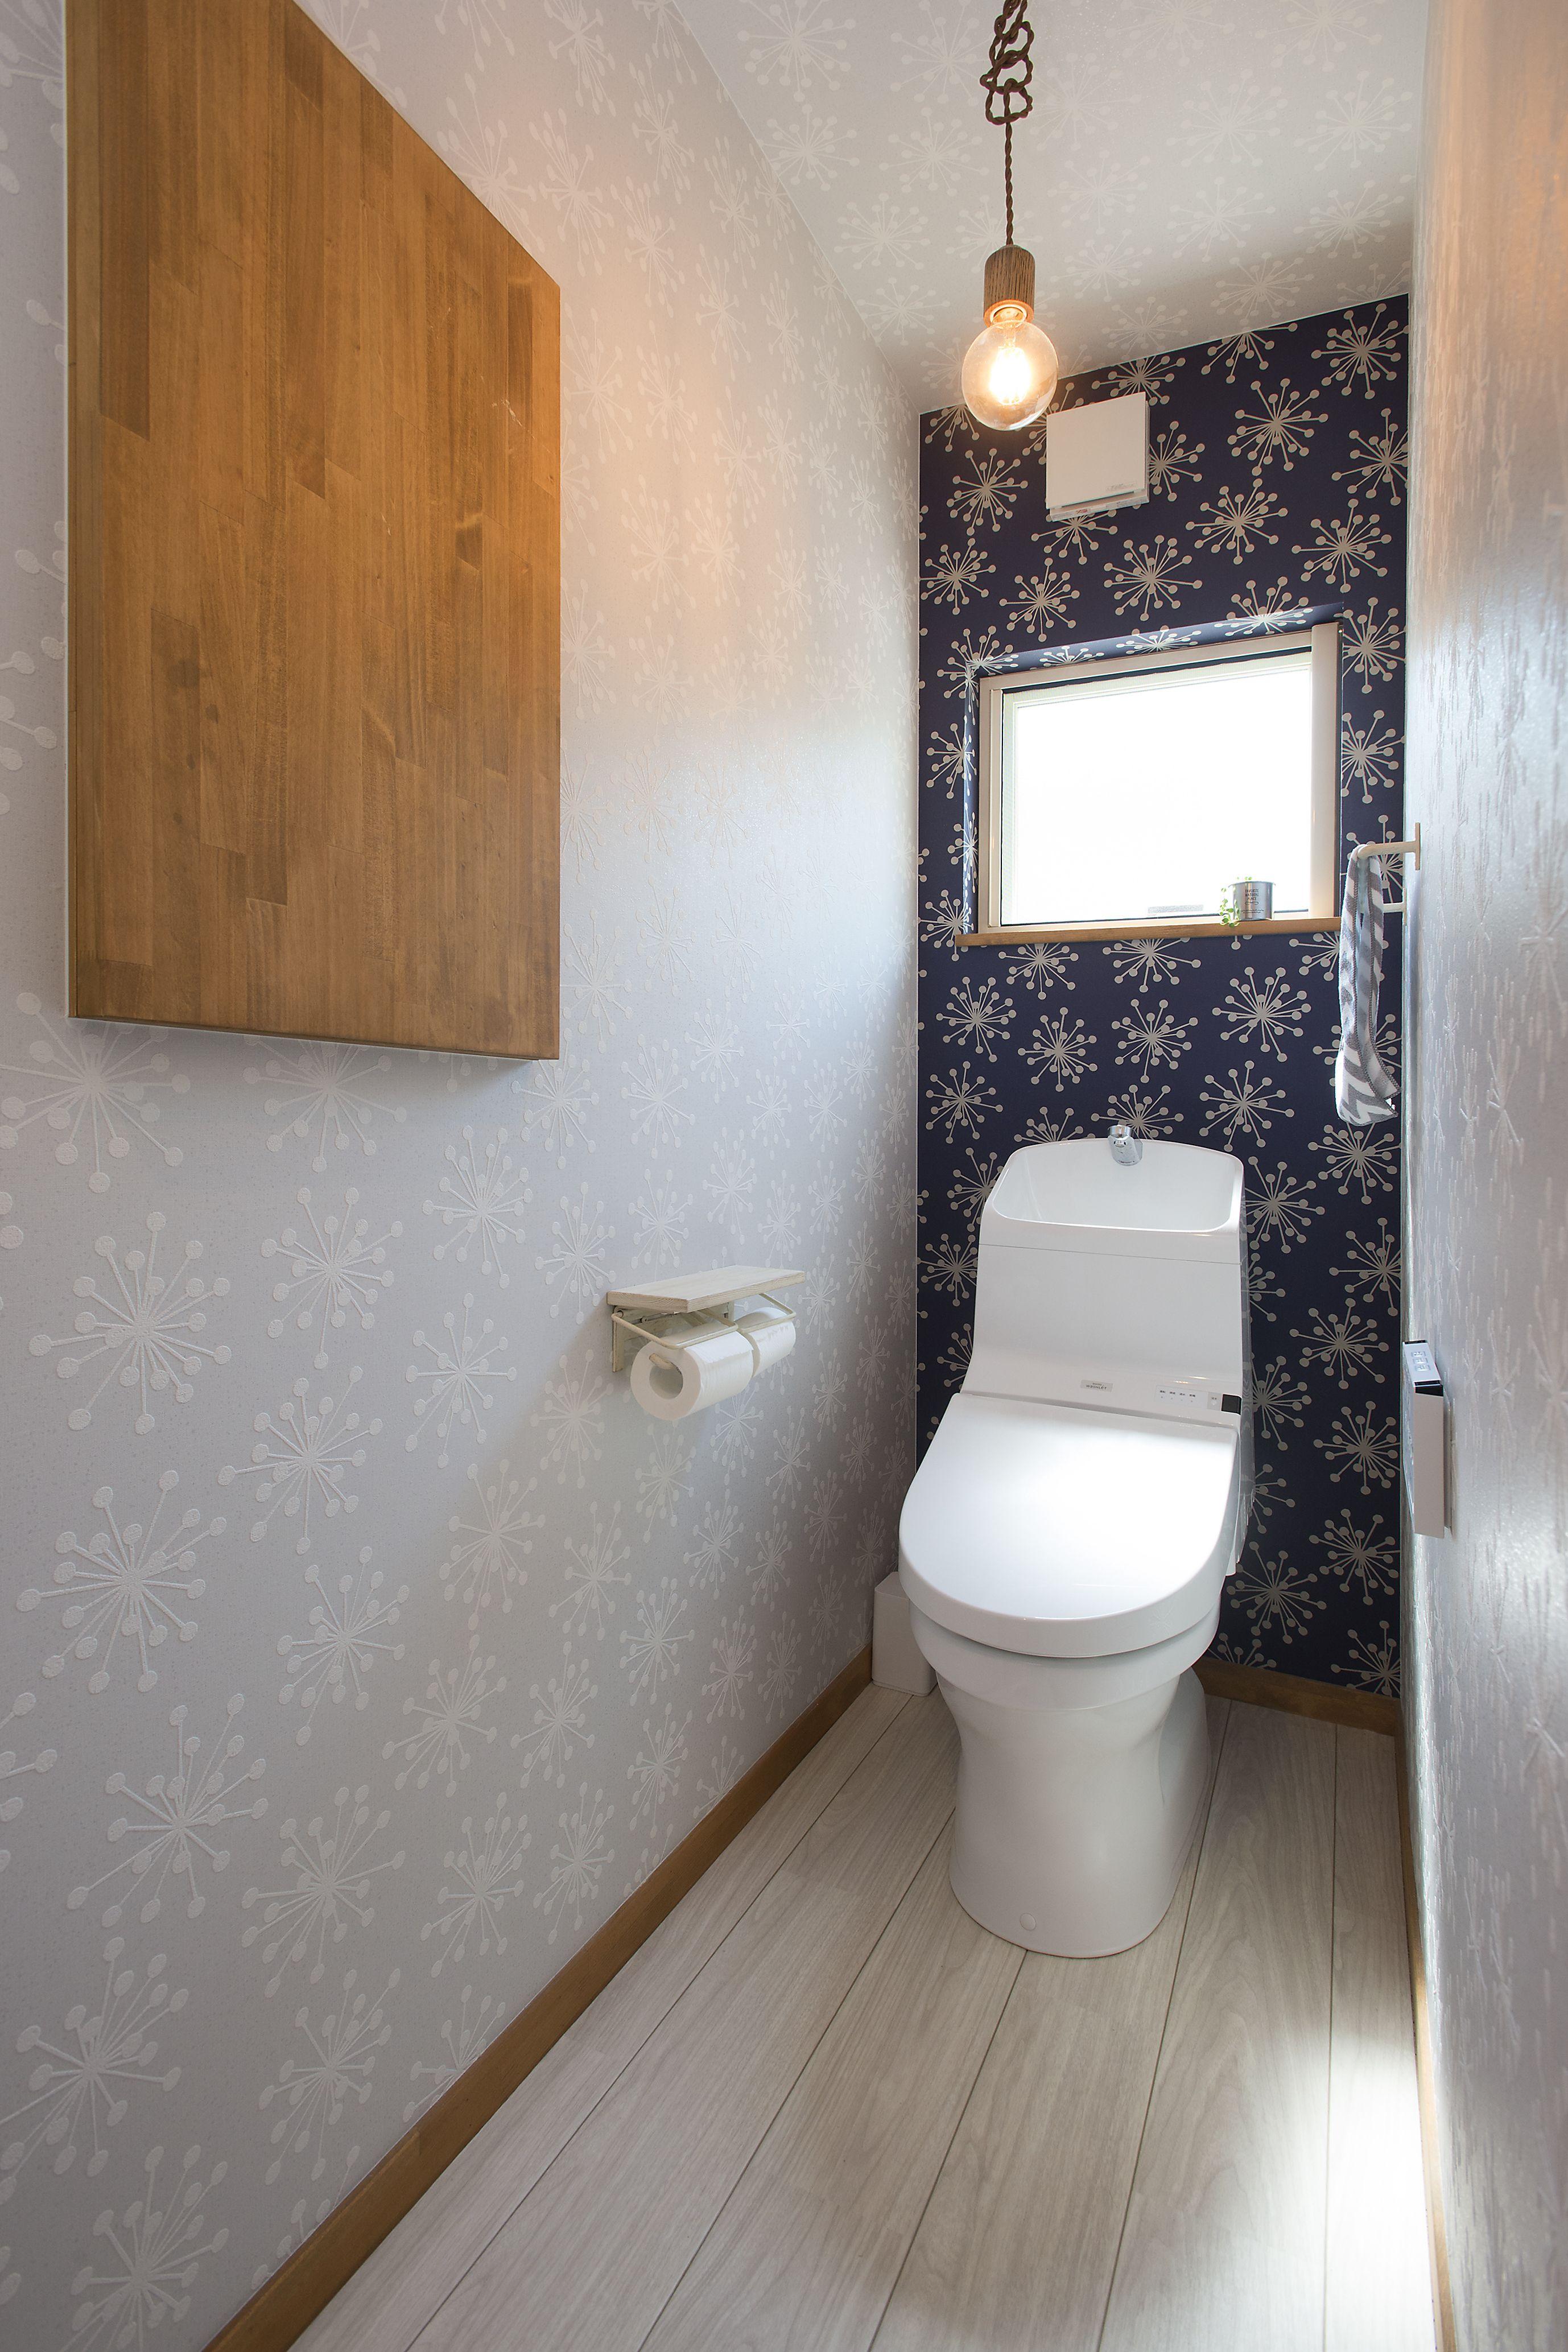 スノー柄のクロスを2色で使い 収納は造作で造り付け 施工事例 Freeqhomes Freeq Loafer 中塚組 トイレ トイレ収納 ニッチ 電球 インダストリアル アクセントクロス クロス ペーパーホルダー タオルリング クッ シンプル トイレ トイレ おしゃれ